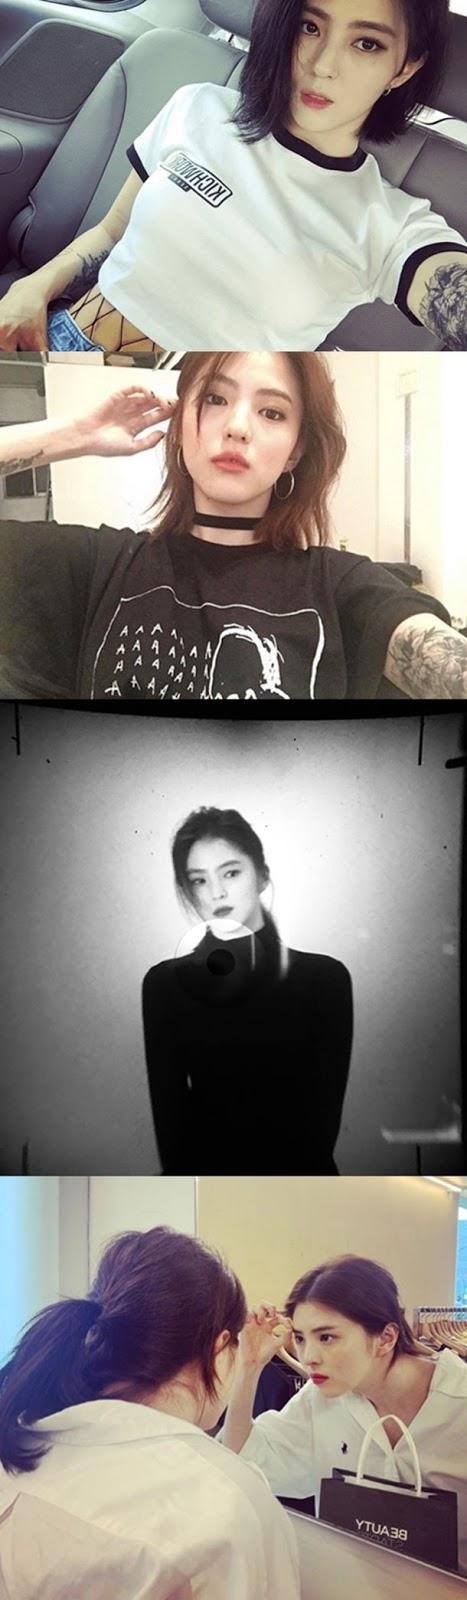 Yükselişteki star Han Sohee'nin Külkedisi hikayesi ilgi çekiyor